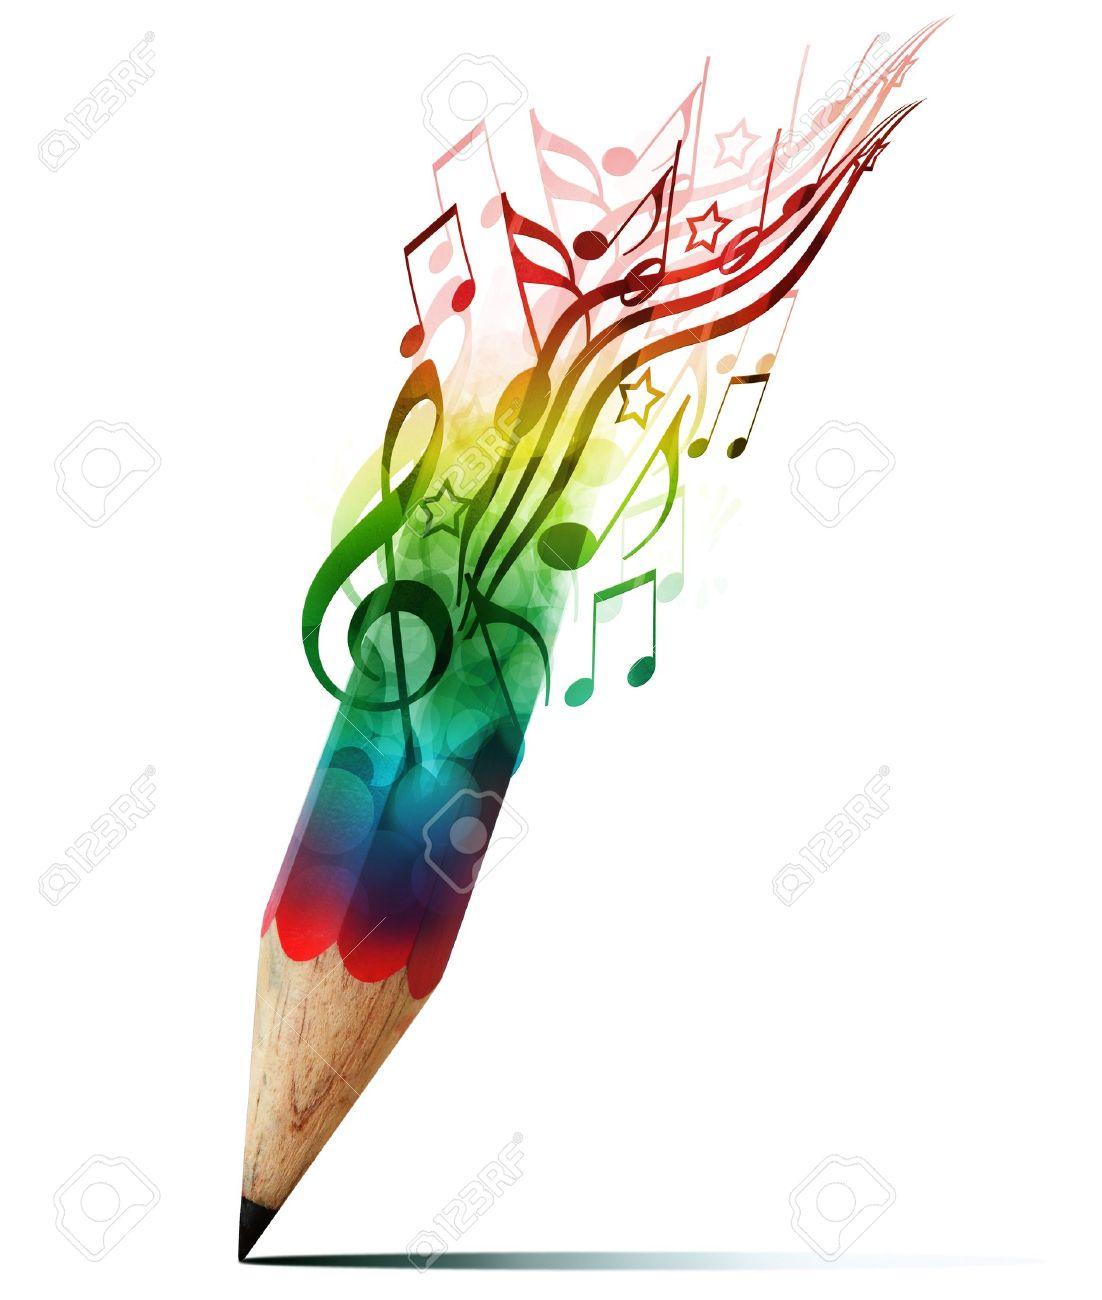 Lápiz Creativo Con Notas Musicales Aislado En Blanco